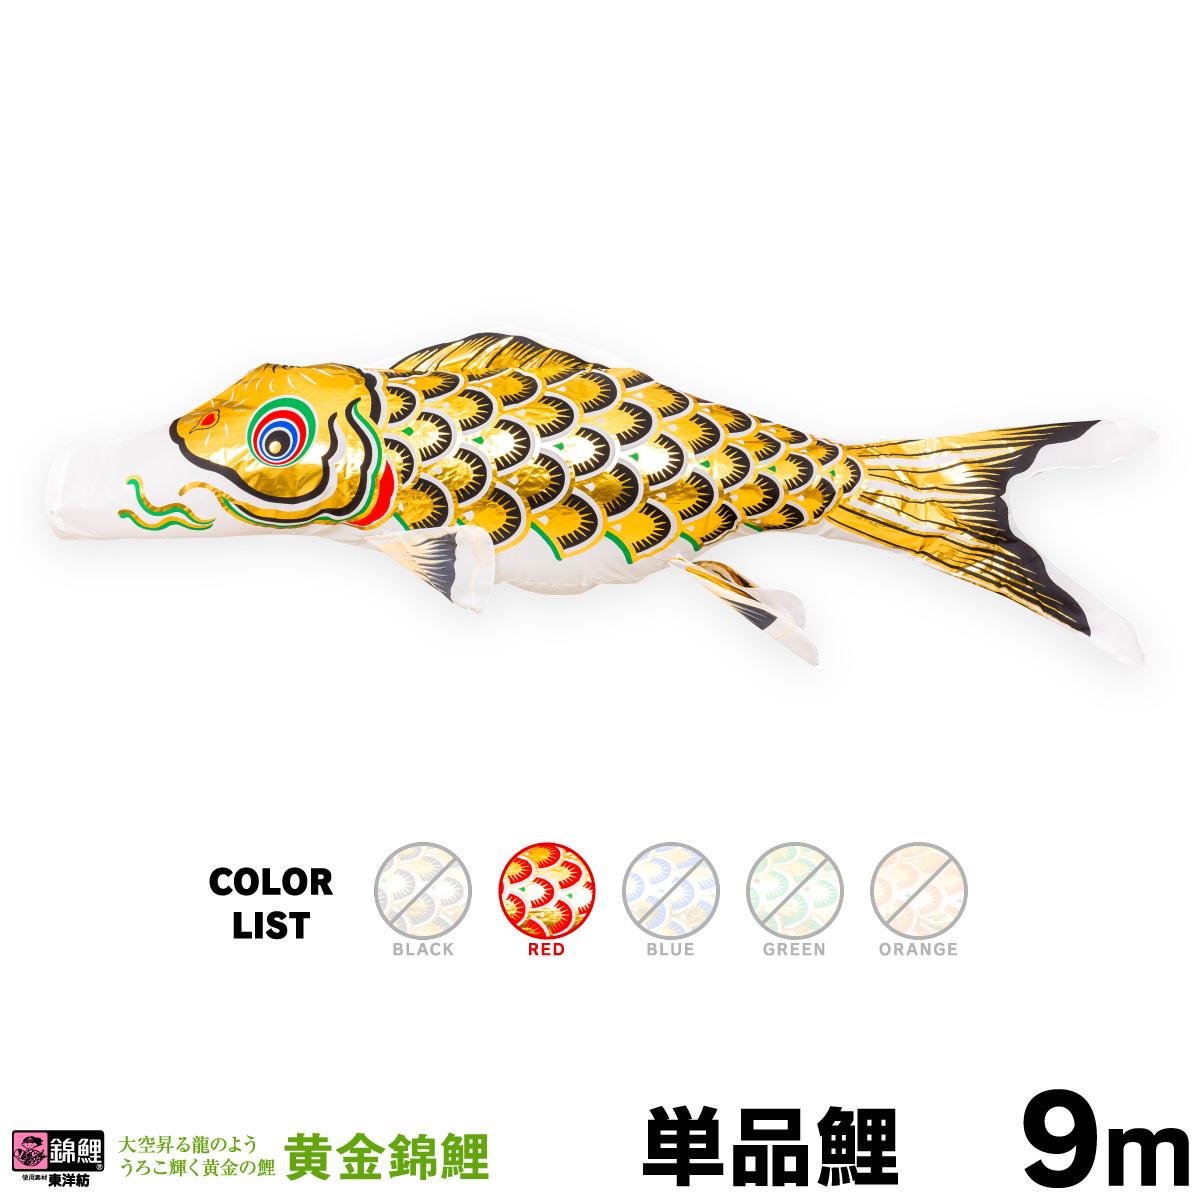 【こいのぼり 単品】 黄金錦鯉 9m 単品鯉